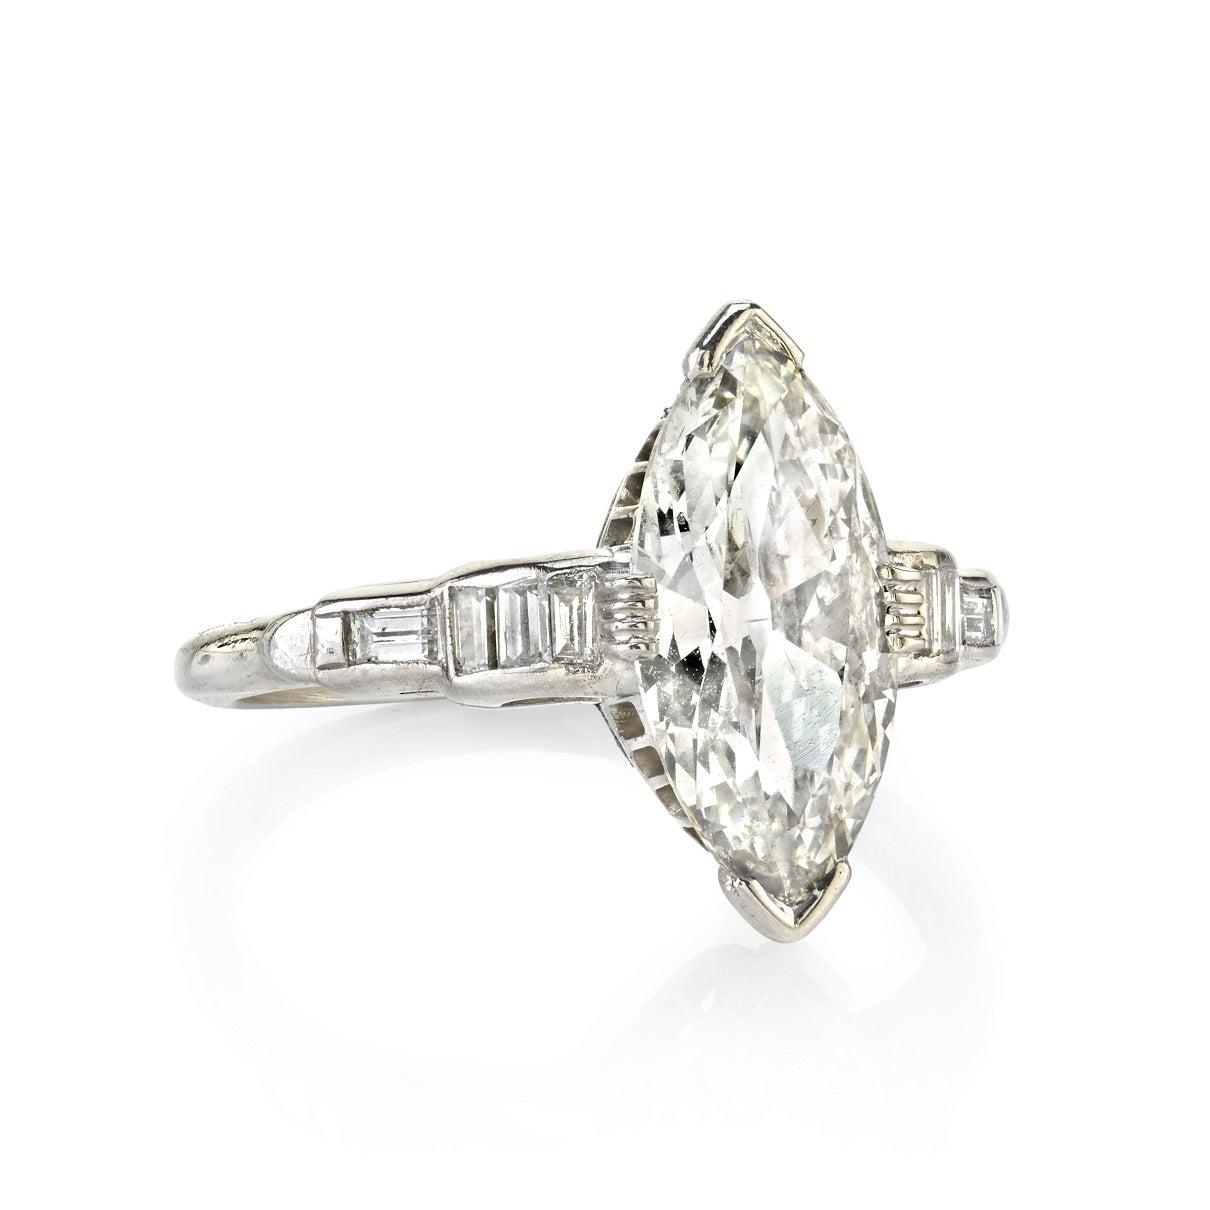 1 81 carat marquise cut platinum engagement ring